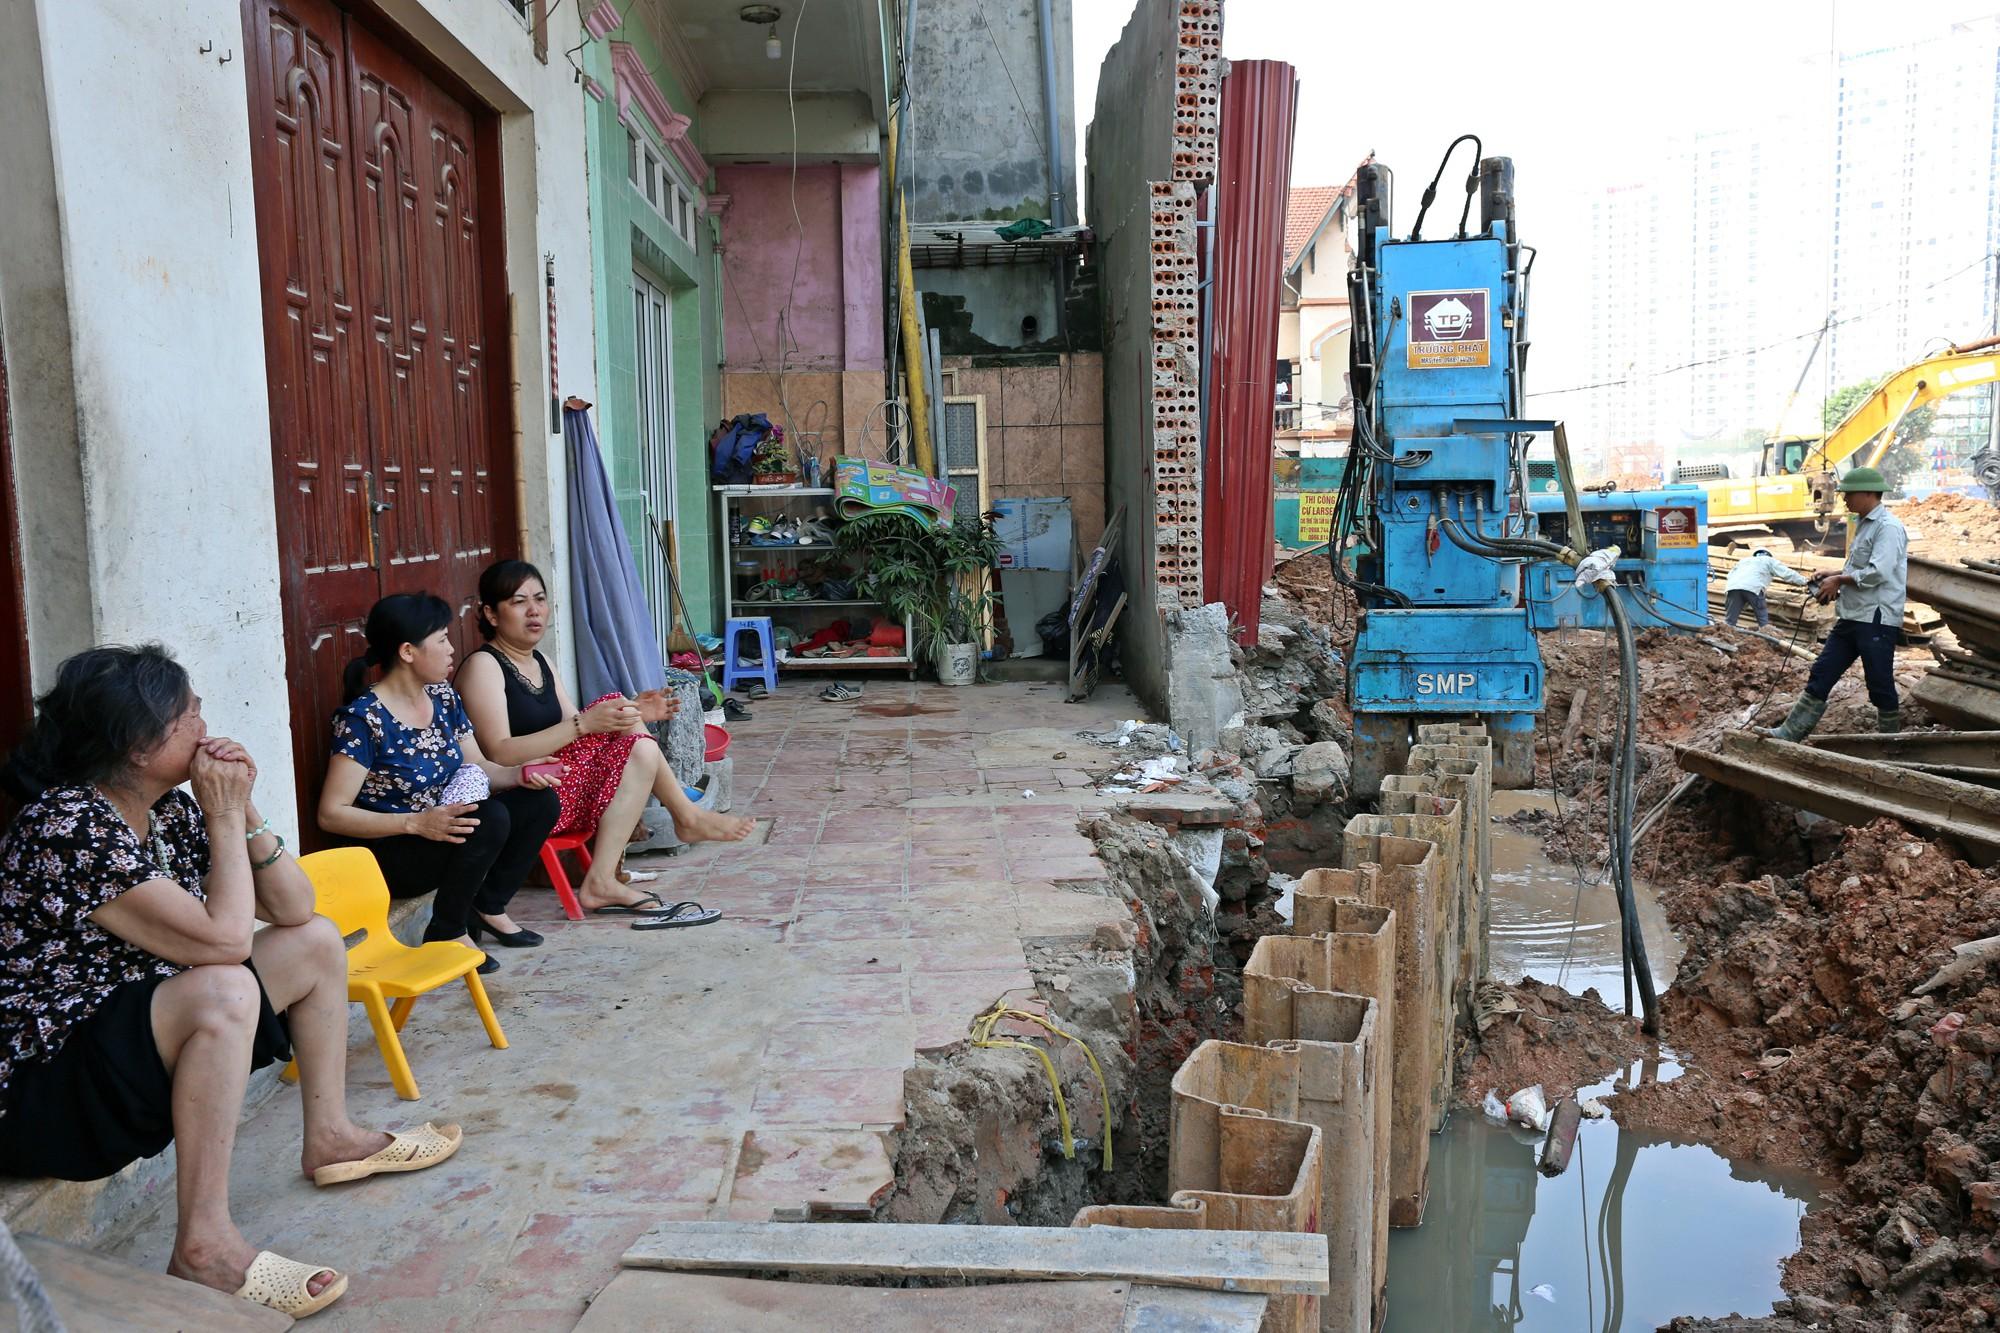 Hà Nội: Người dân bắc cầu vào nhà trên đường Phạm Văn Đồng - Ảnh 3.